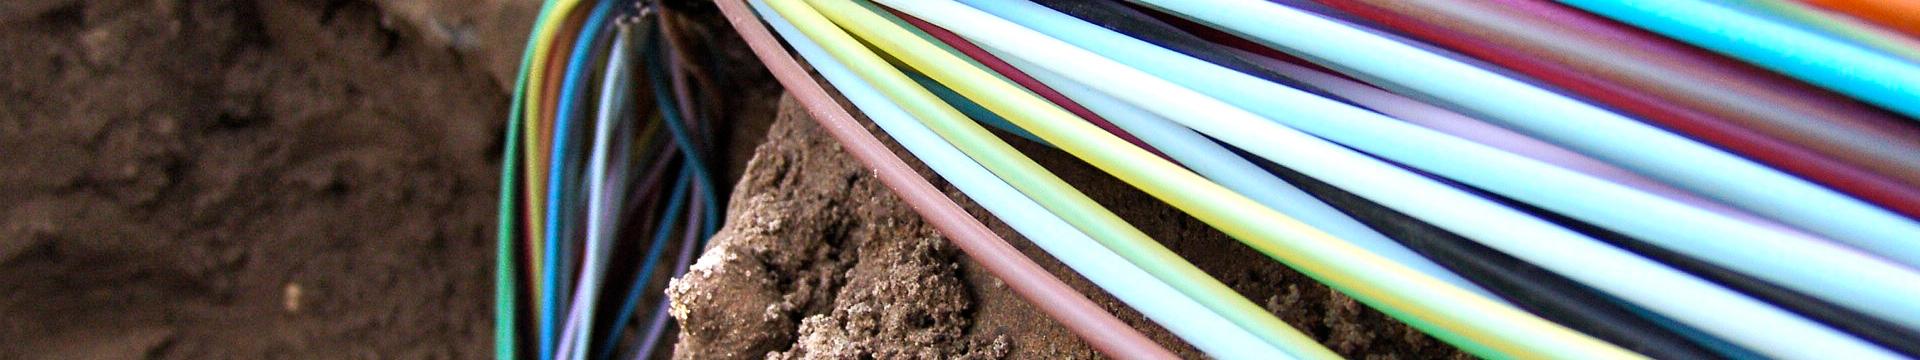 wion kabels en leidingen